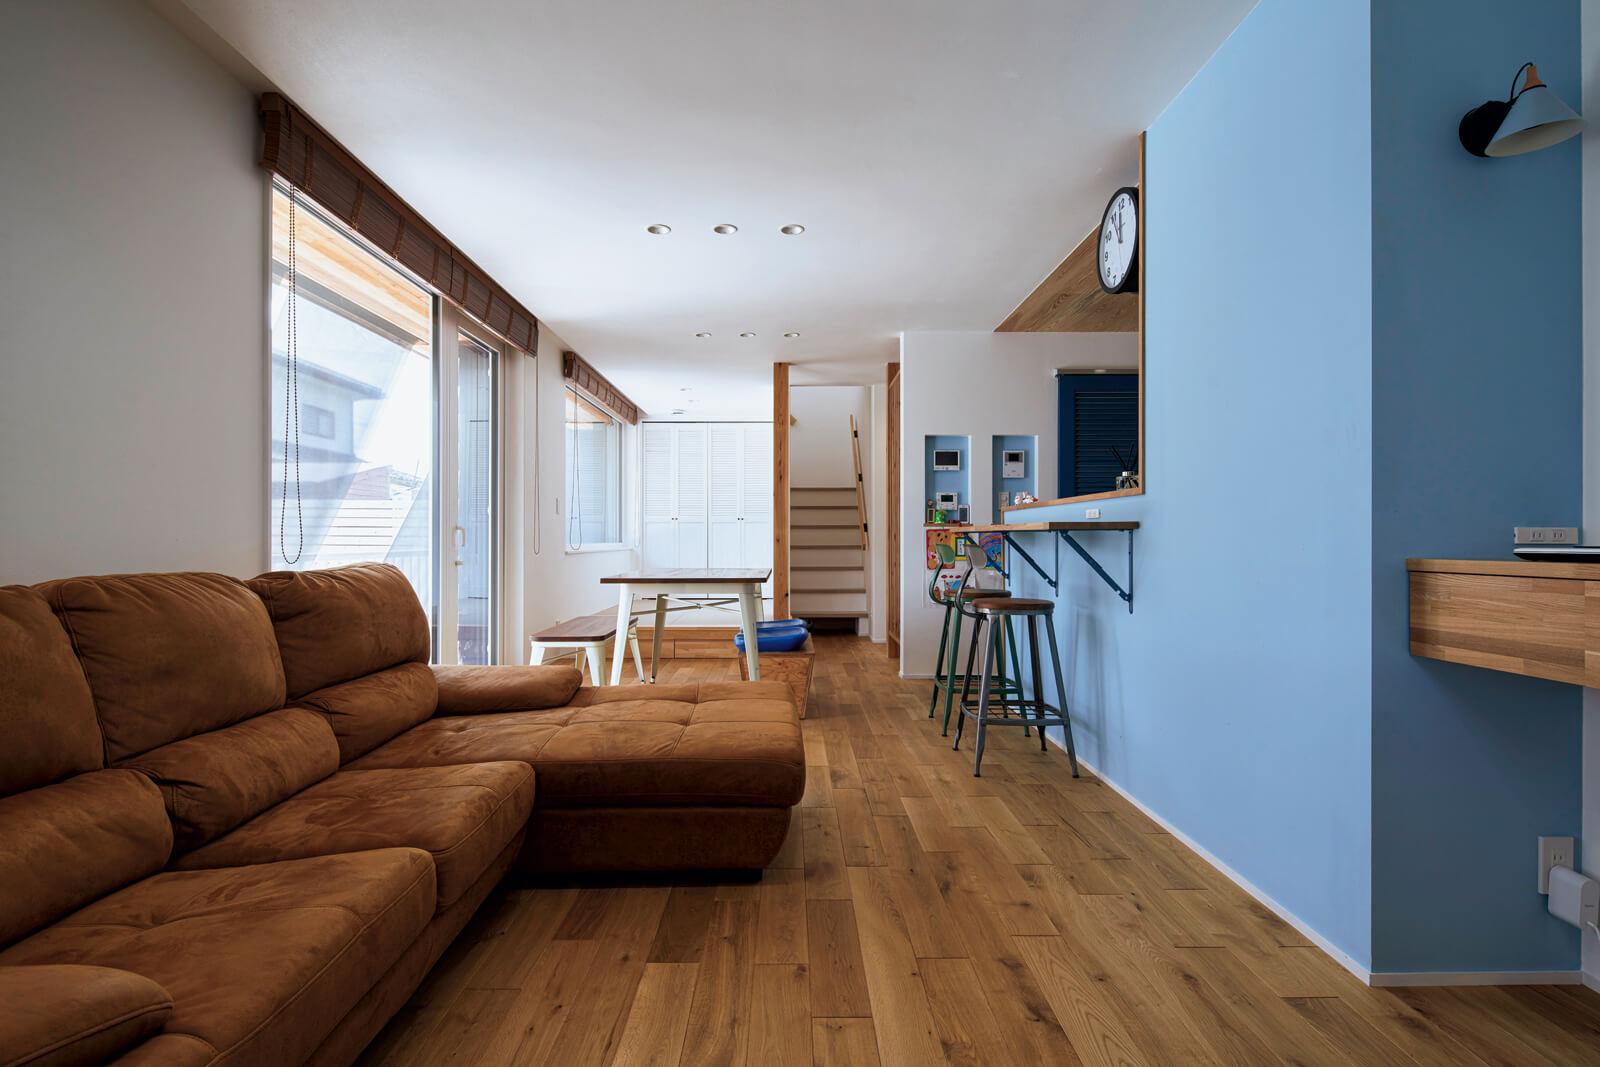 北海道産のナラと漆喰に包まれた心地よいLDK。真夏の暑い日でも室内はひんやり